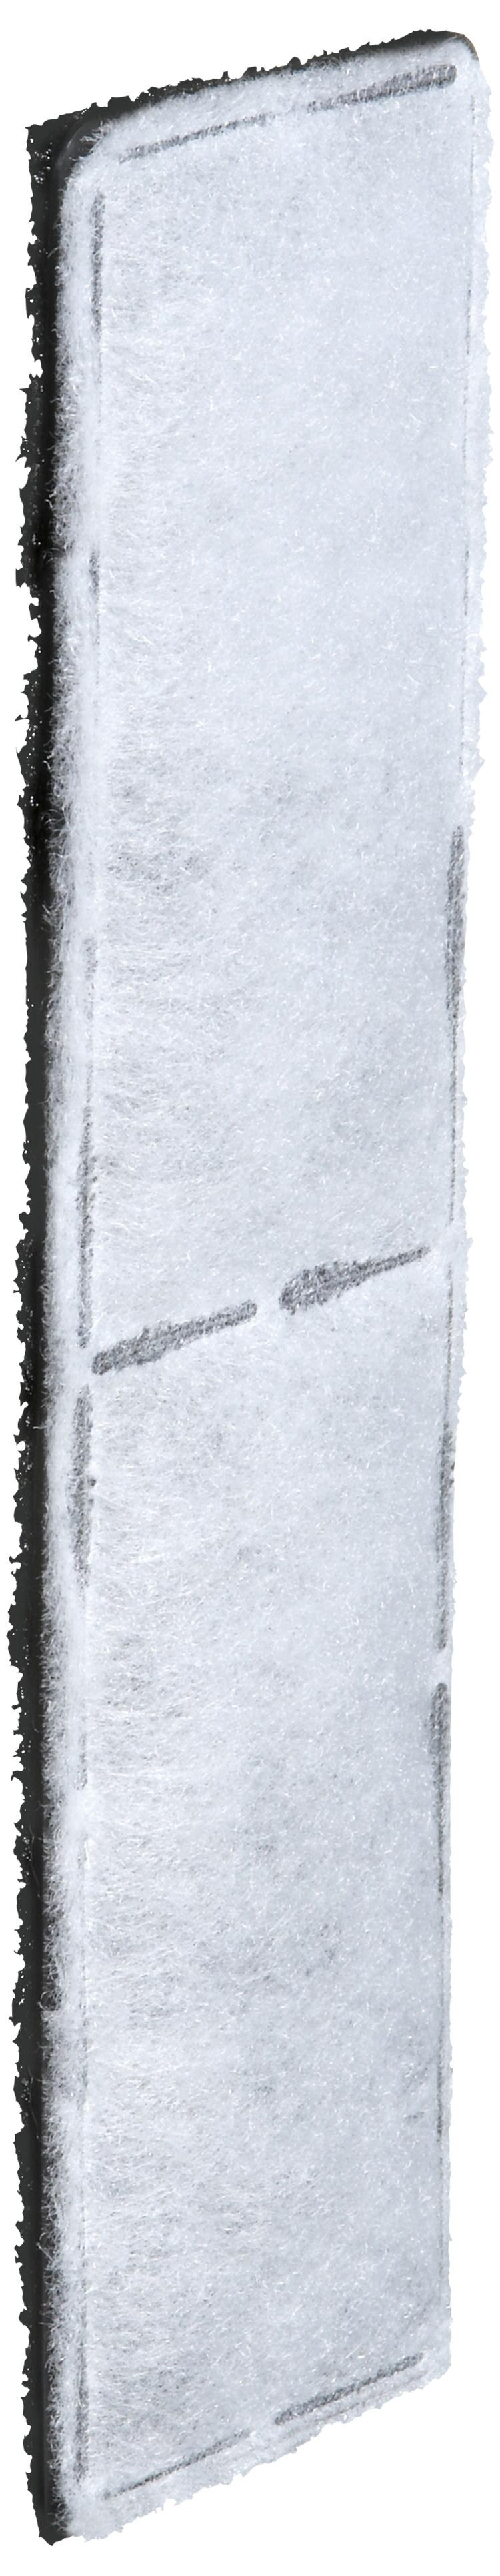 Akvārija filtru pildījums - CarbonFoam for Fluval U4